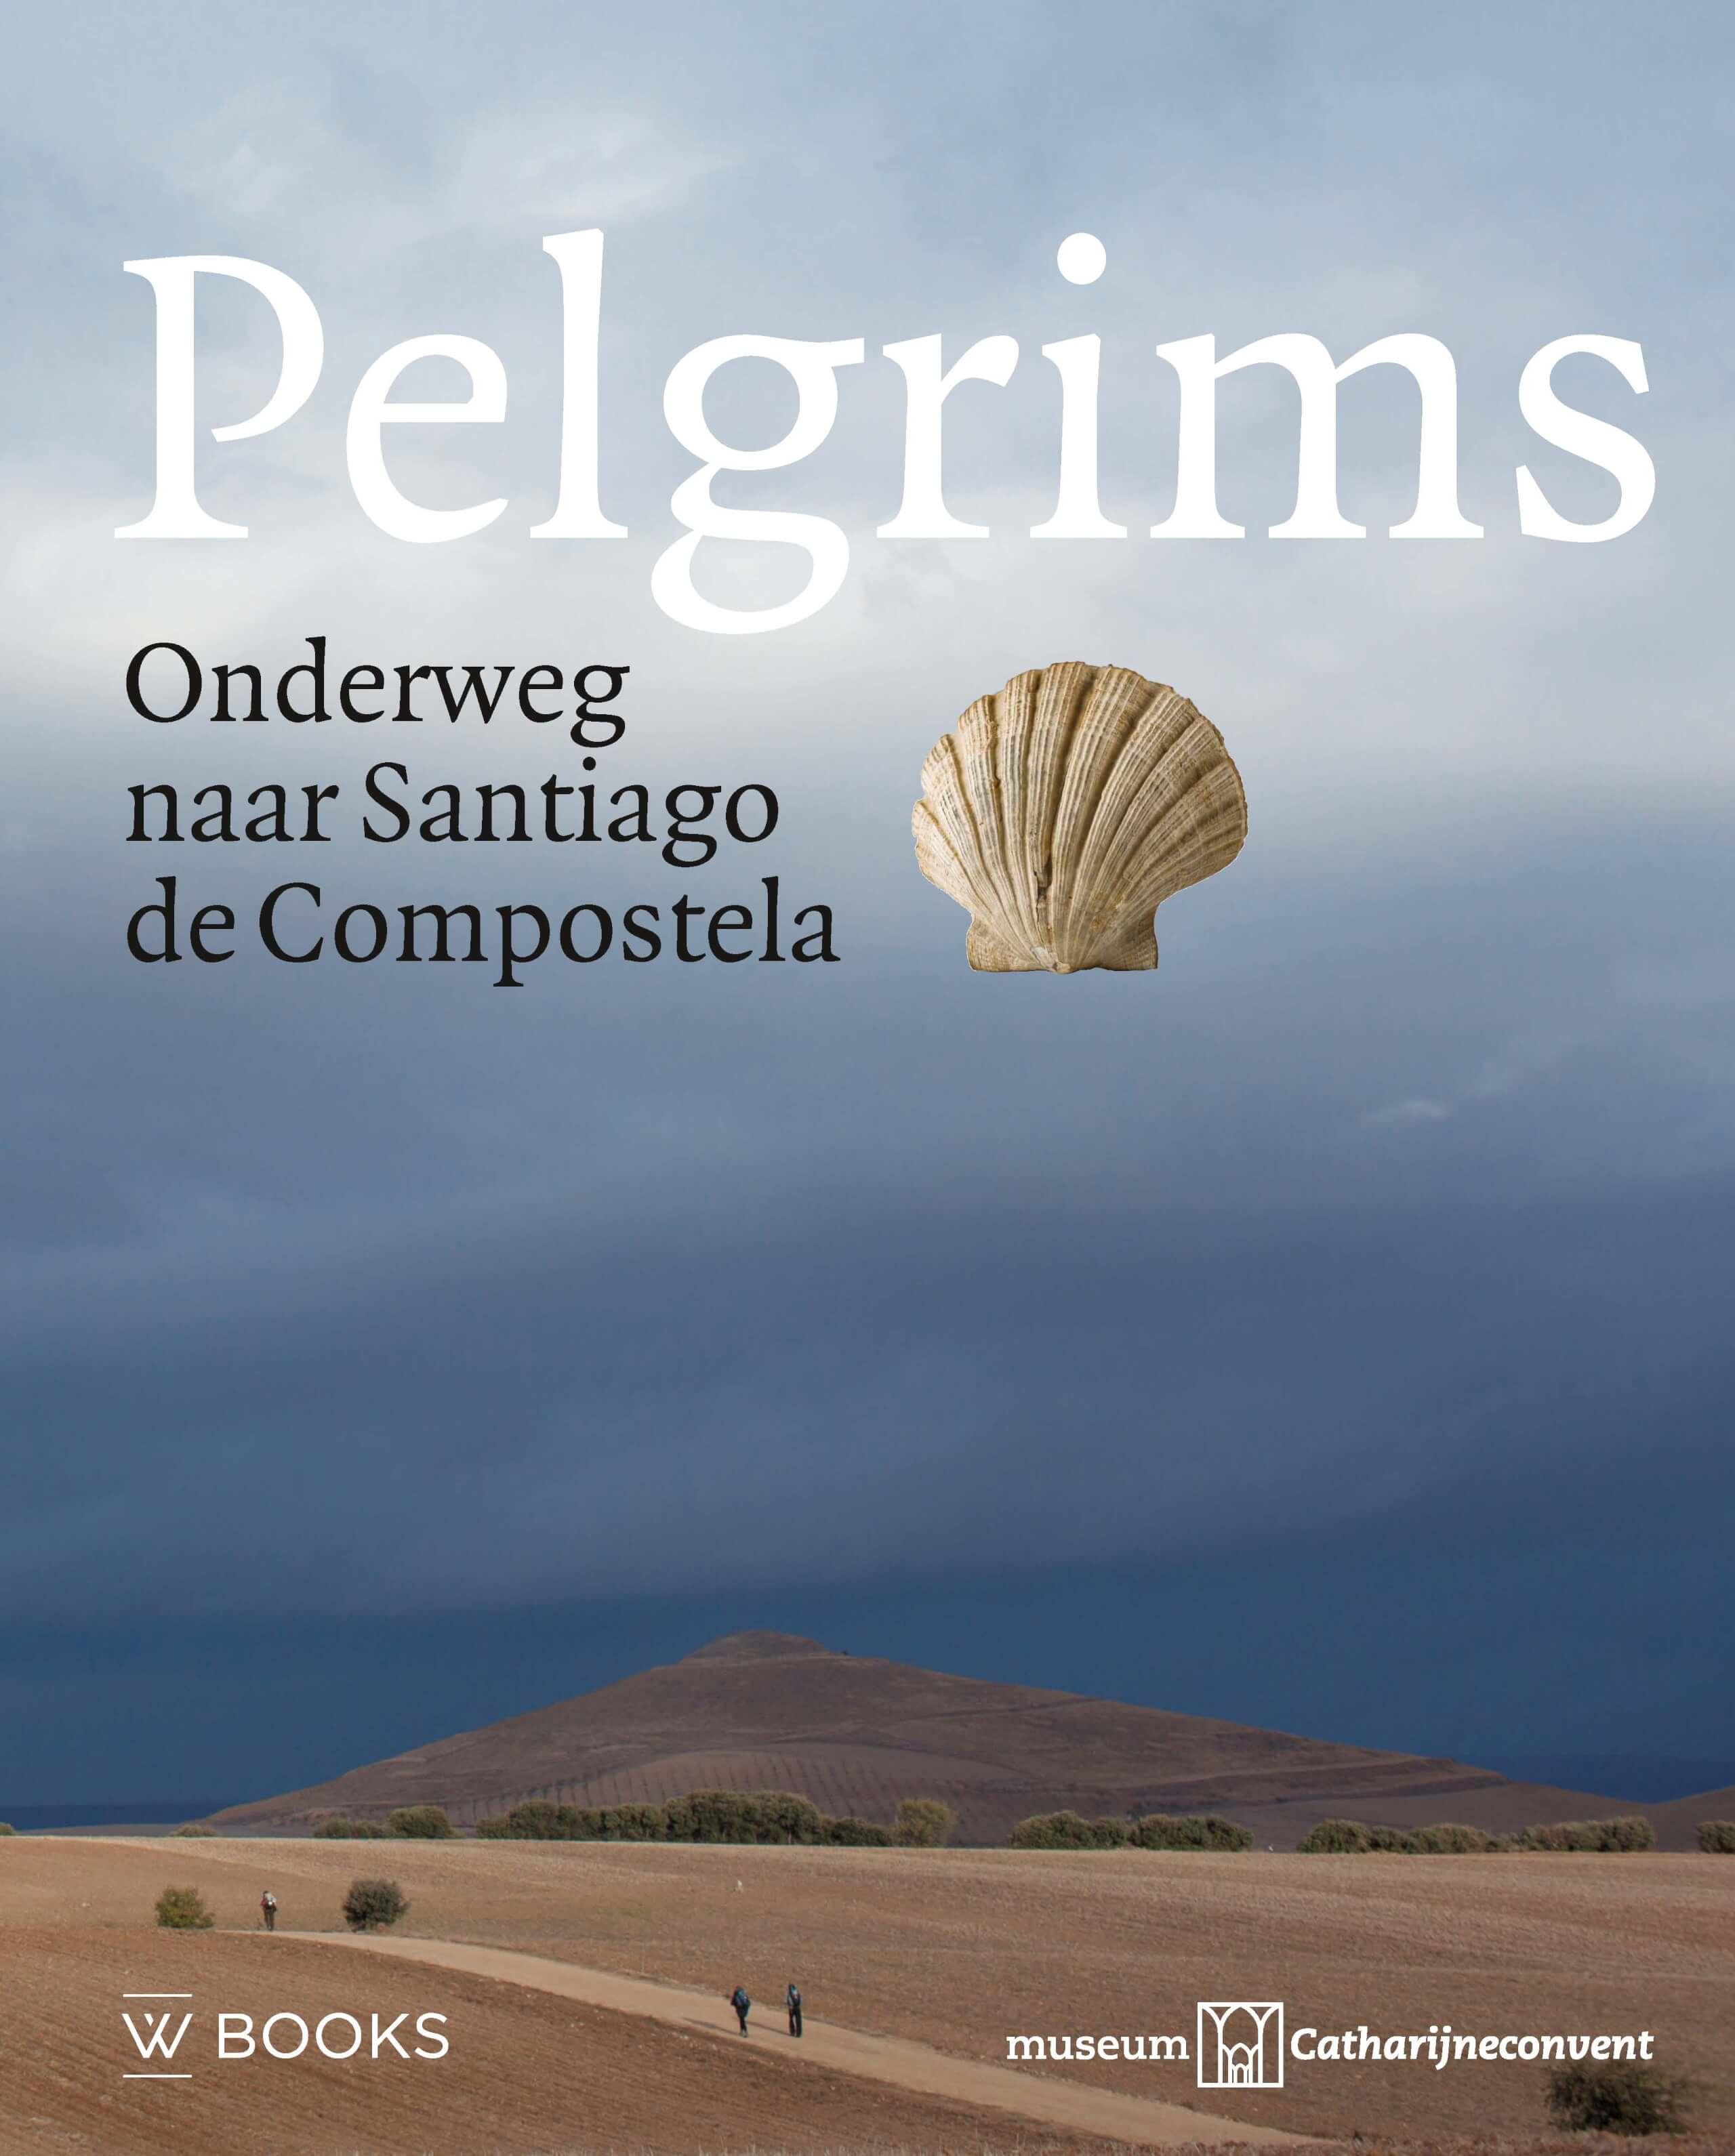 Pelgrims-735